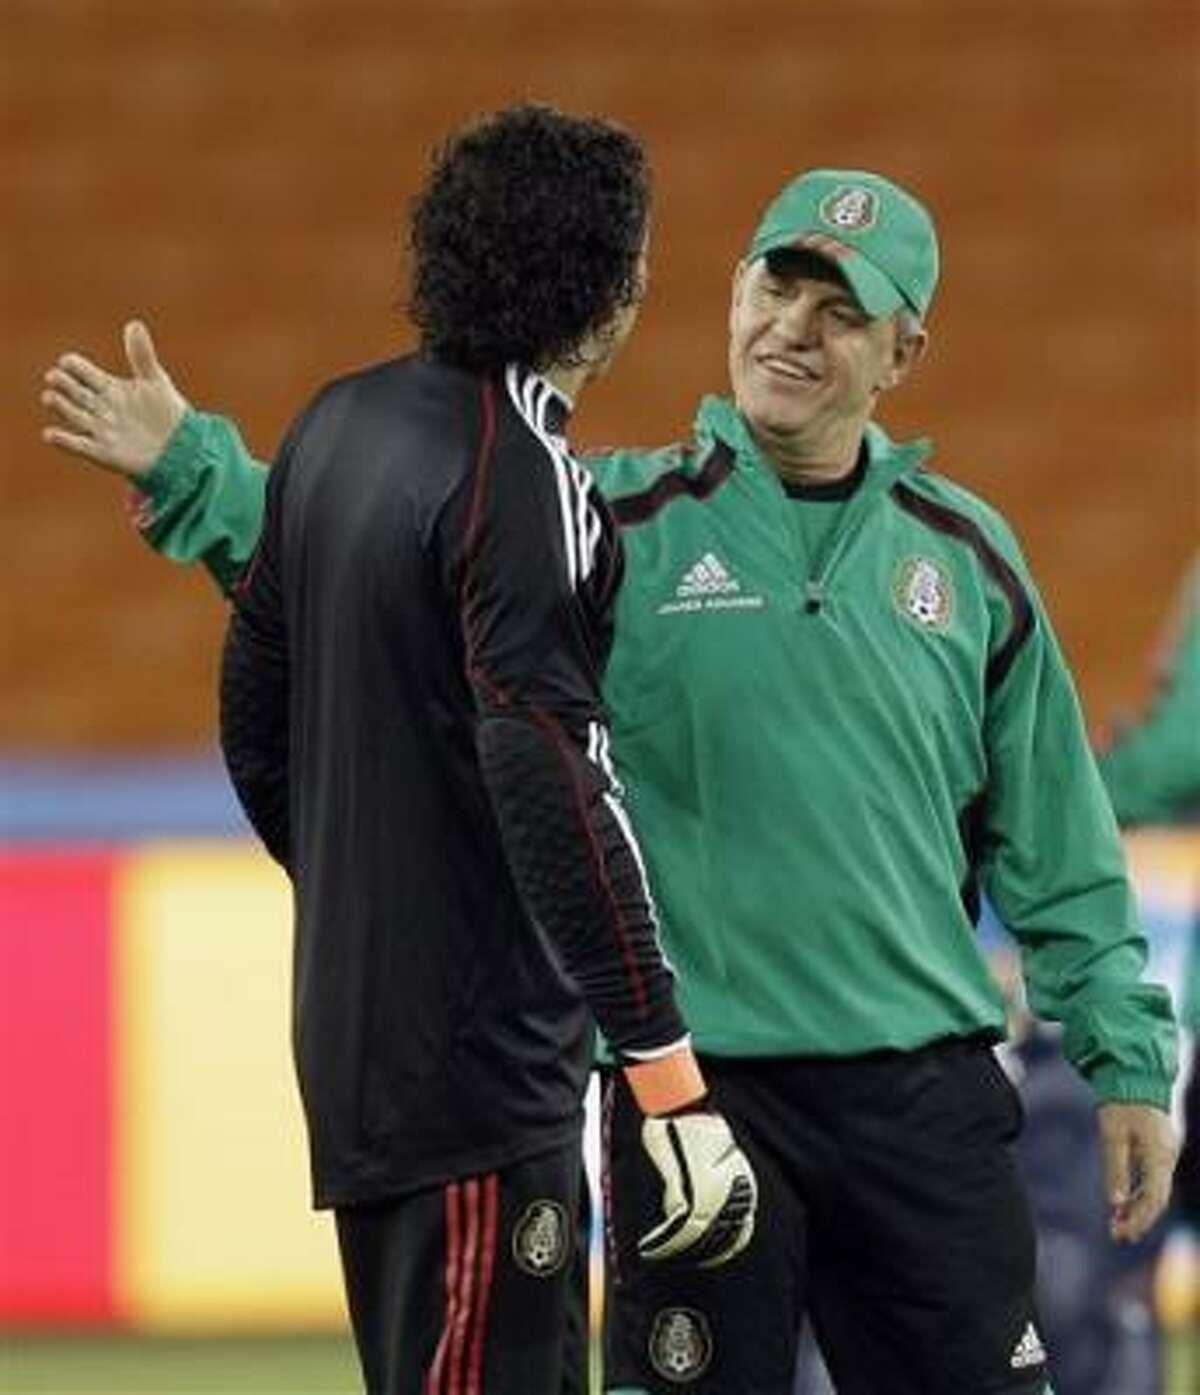 El técnico de México Javier Aguirre, a la derecha, conversa con el arquero Guillermo Ochoa durante una práctica previo al partido México-Sudáfrica en la Copa Mundial el jueves 10 de junio de 2010.